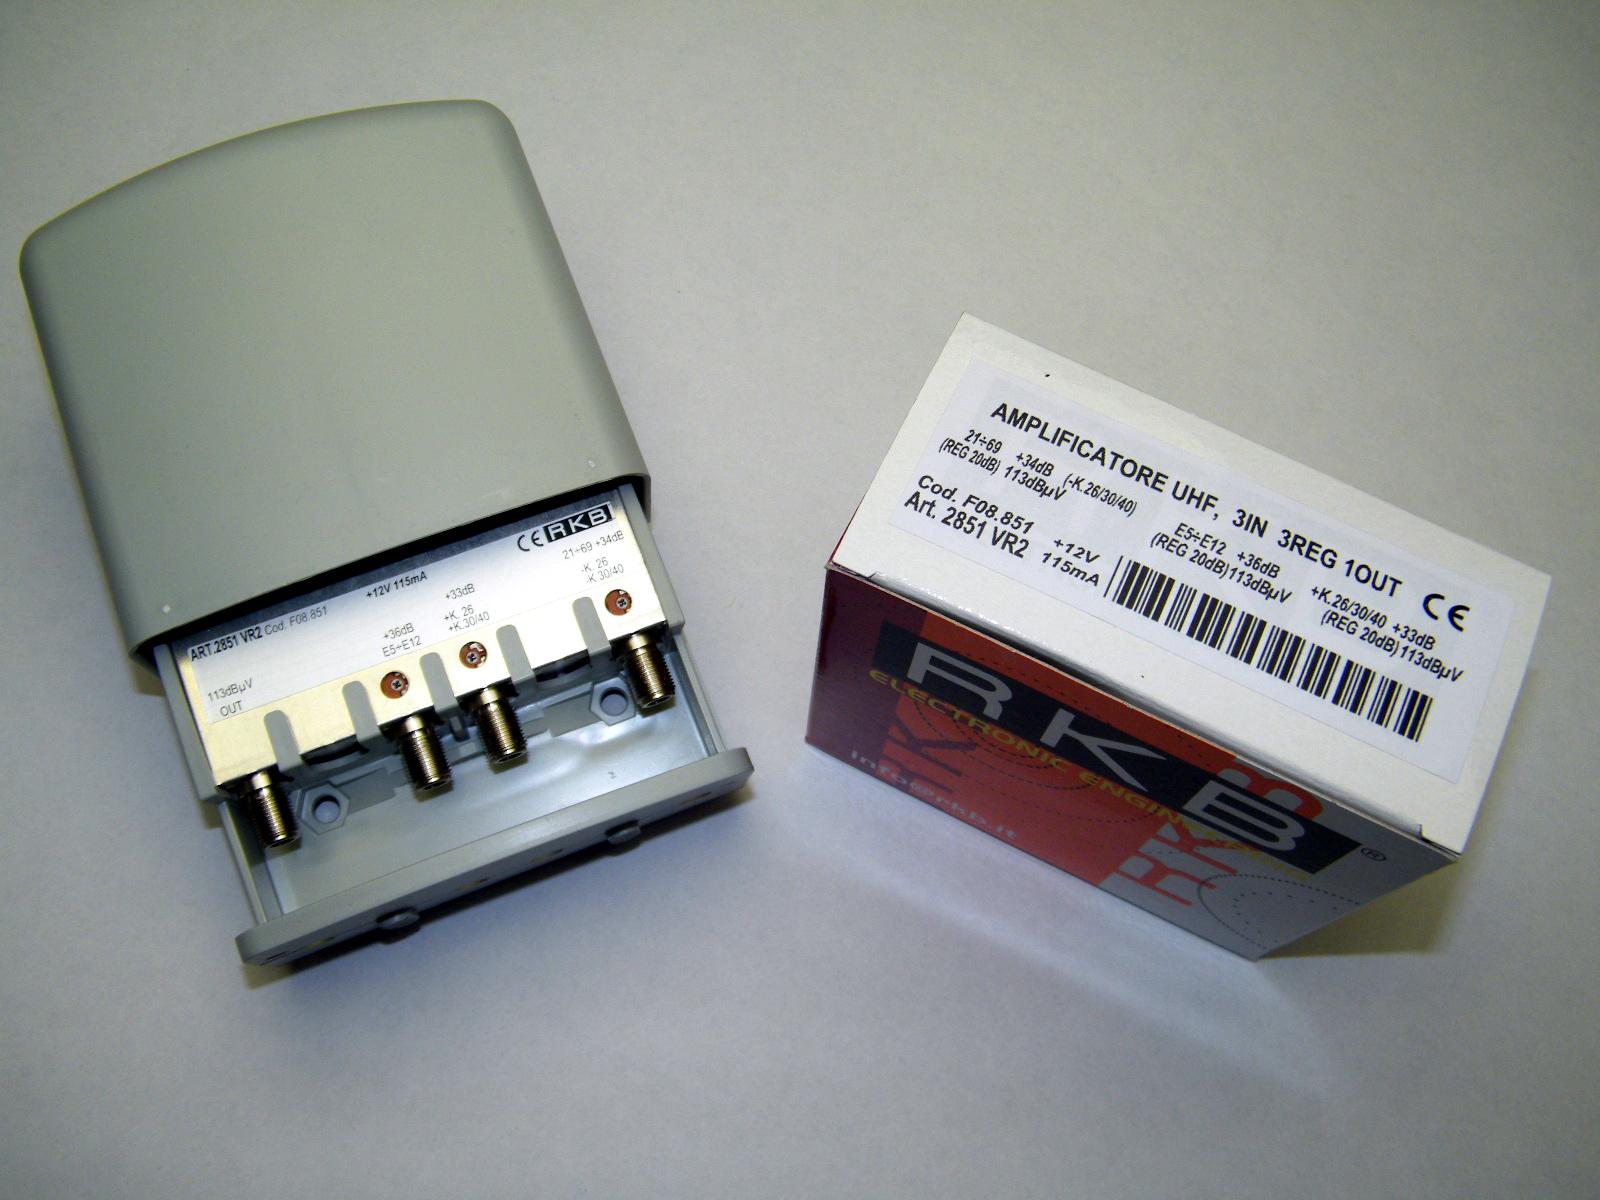 Amplificatore x 3 Mux Rai 26,30,40 34dB VHF/UHF-K/K 113dBuV 115mA 2851VR2